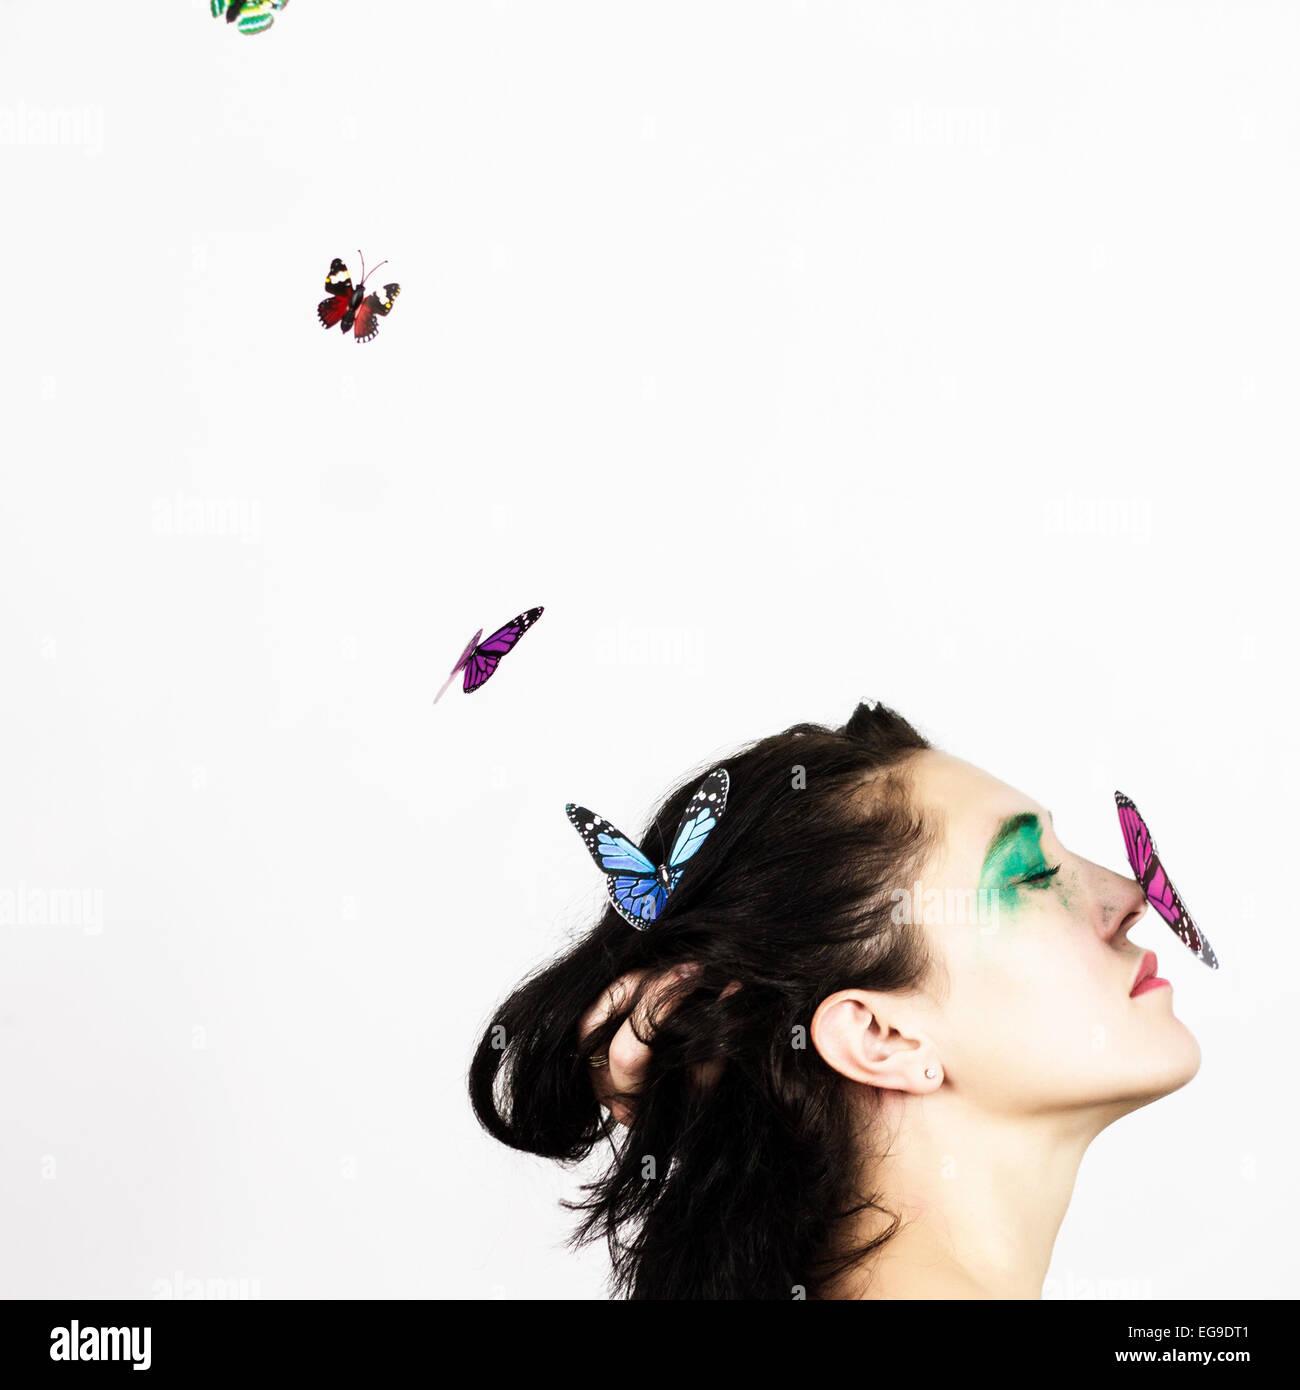 Femme avec papillon sur son nez Photo Stock